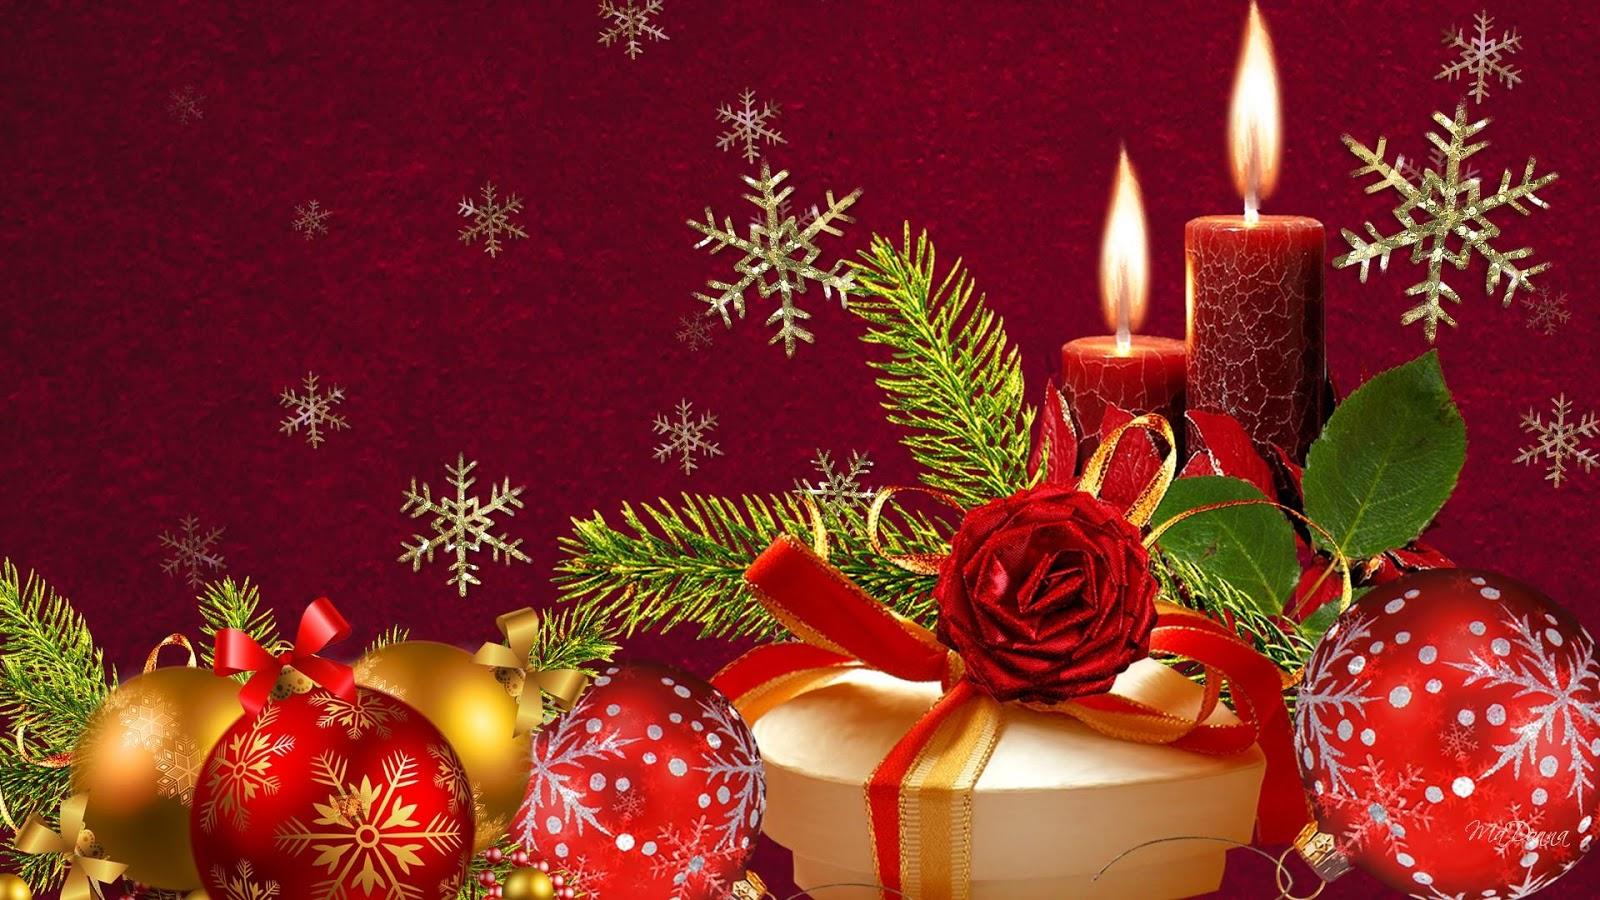 Fondos de pantalla navideños para descargar